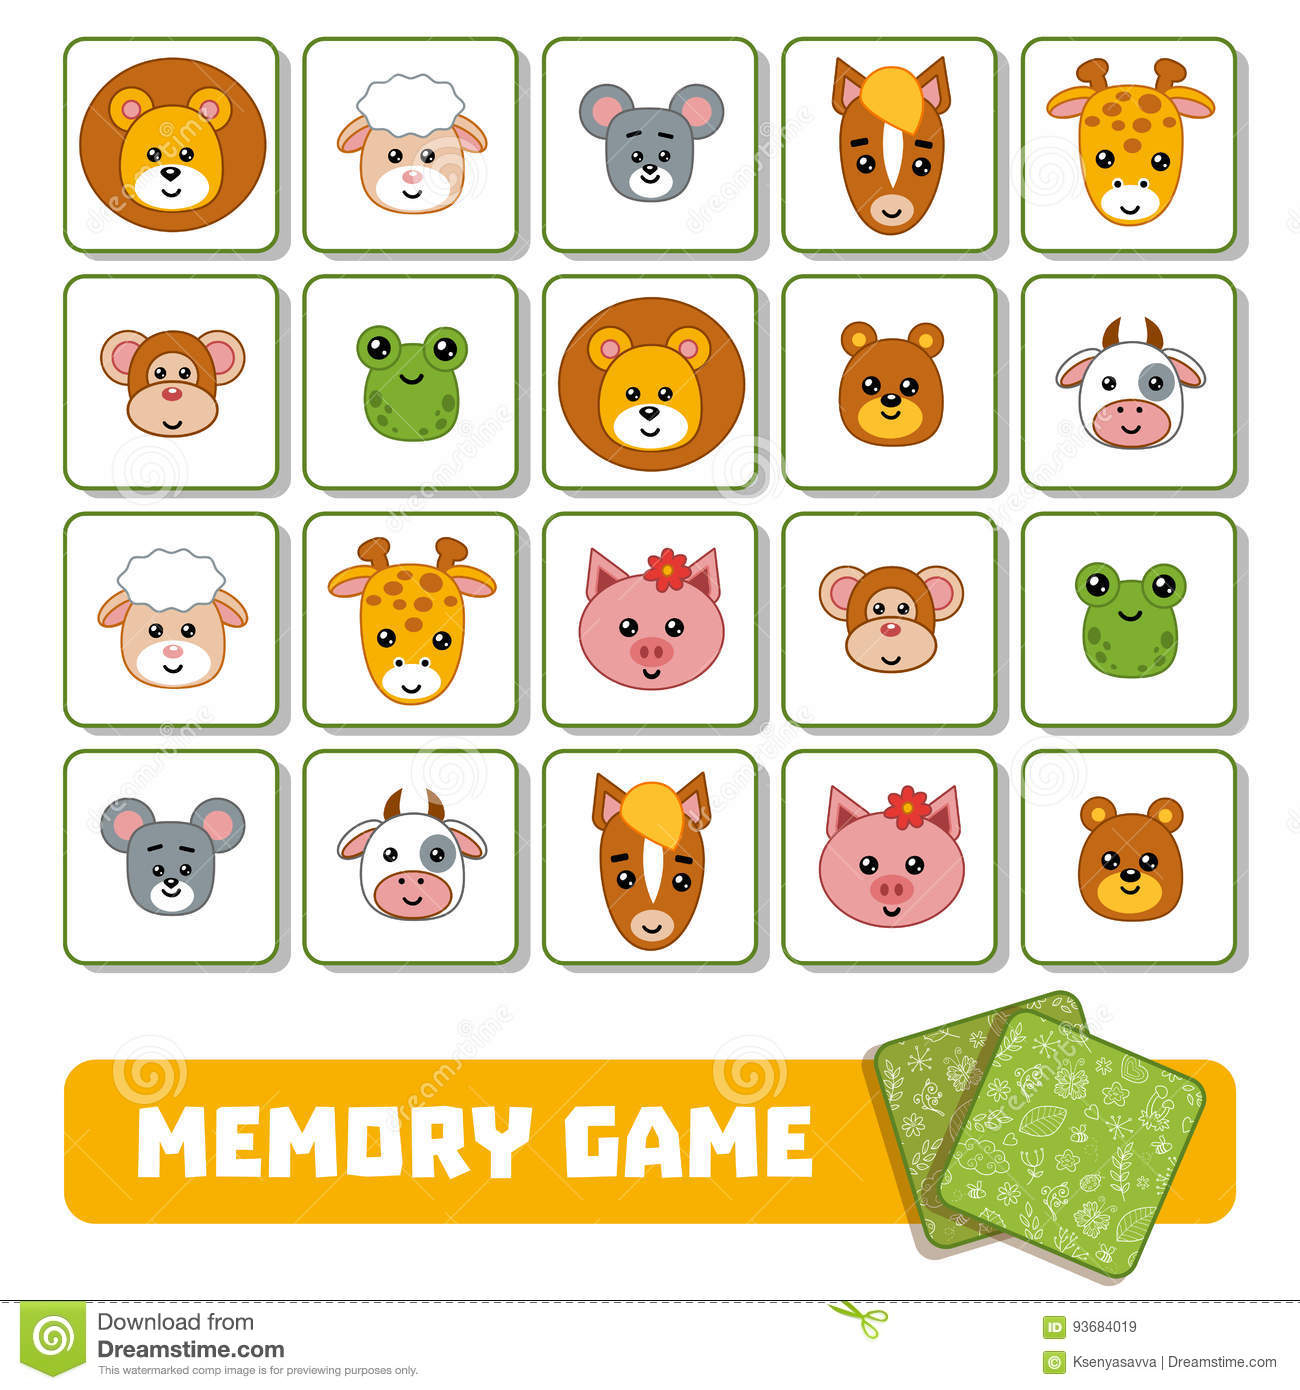 Jeu De Mémoire Pour Les Enfants, Cartes Avec Des Animaux à Jeux Memoire Enfant